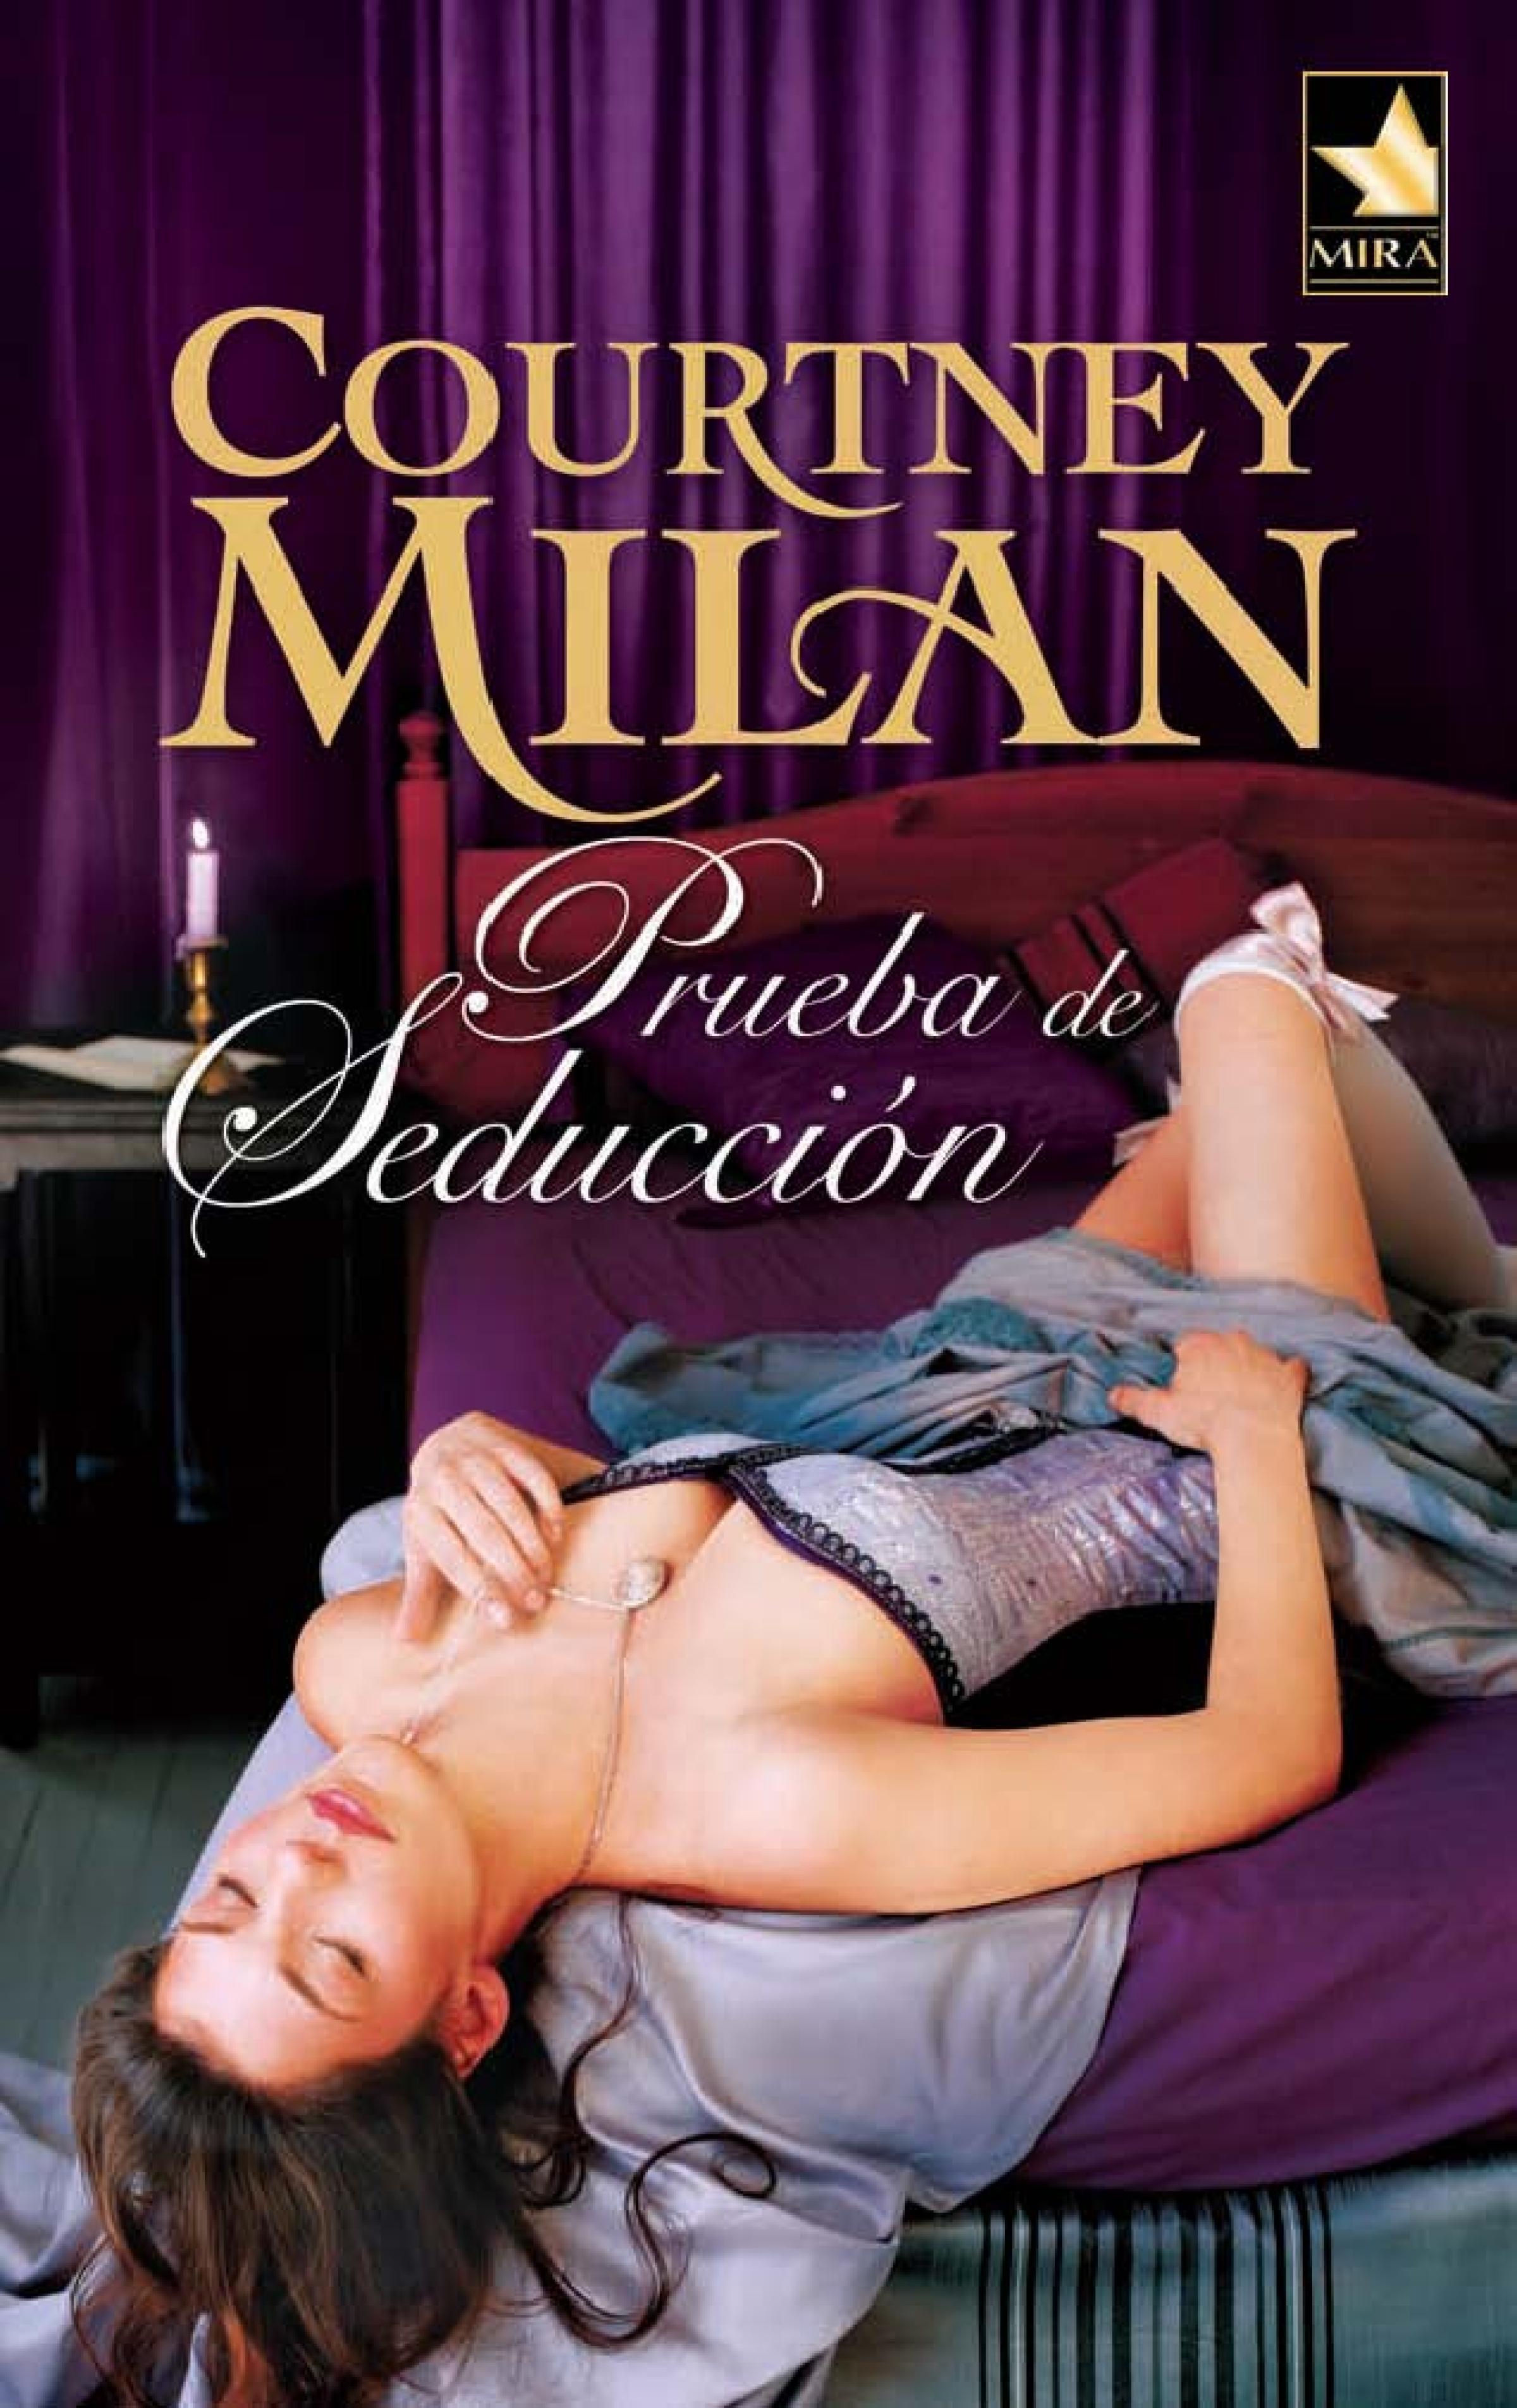 Courtney Milan Prueba de seducción